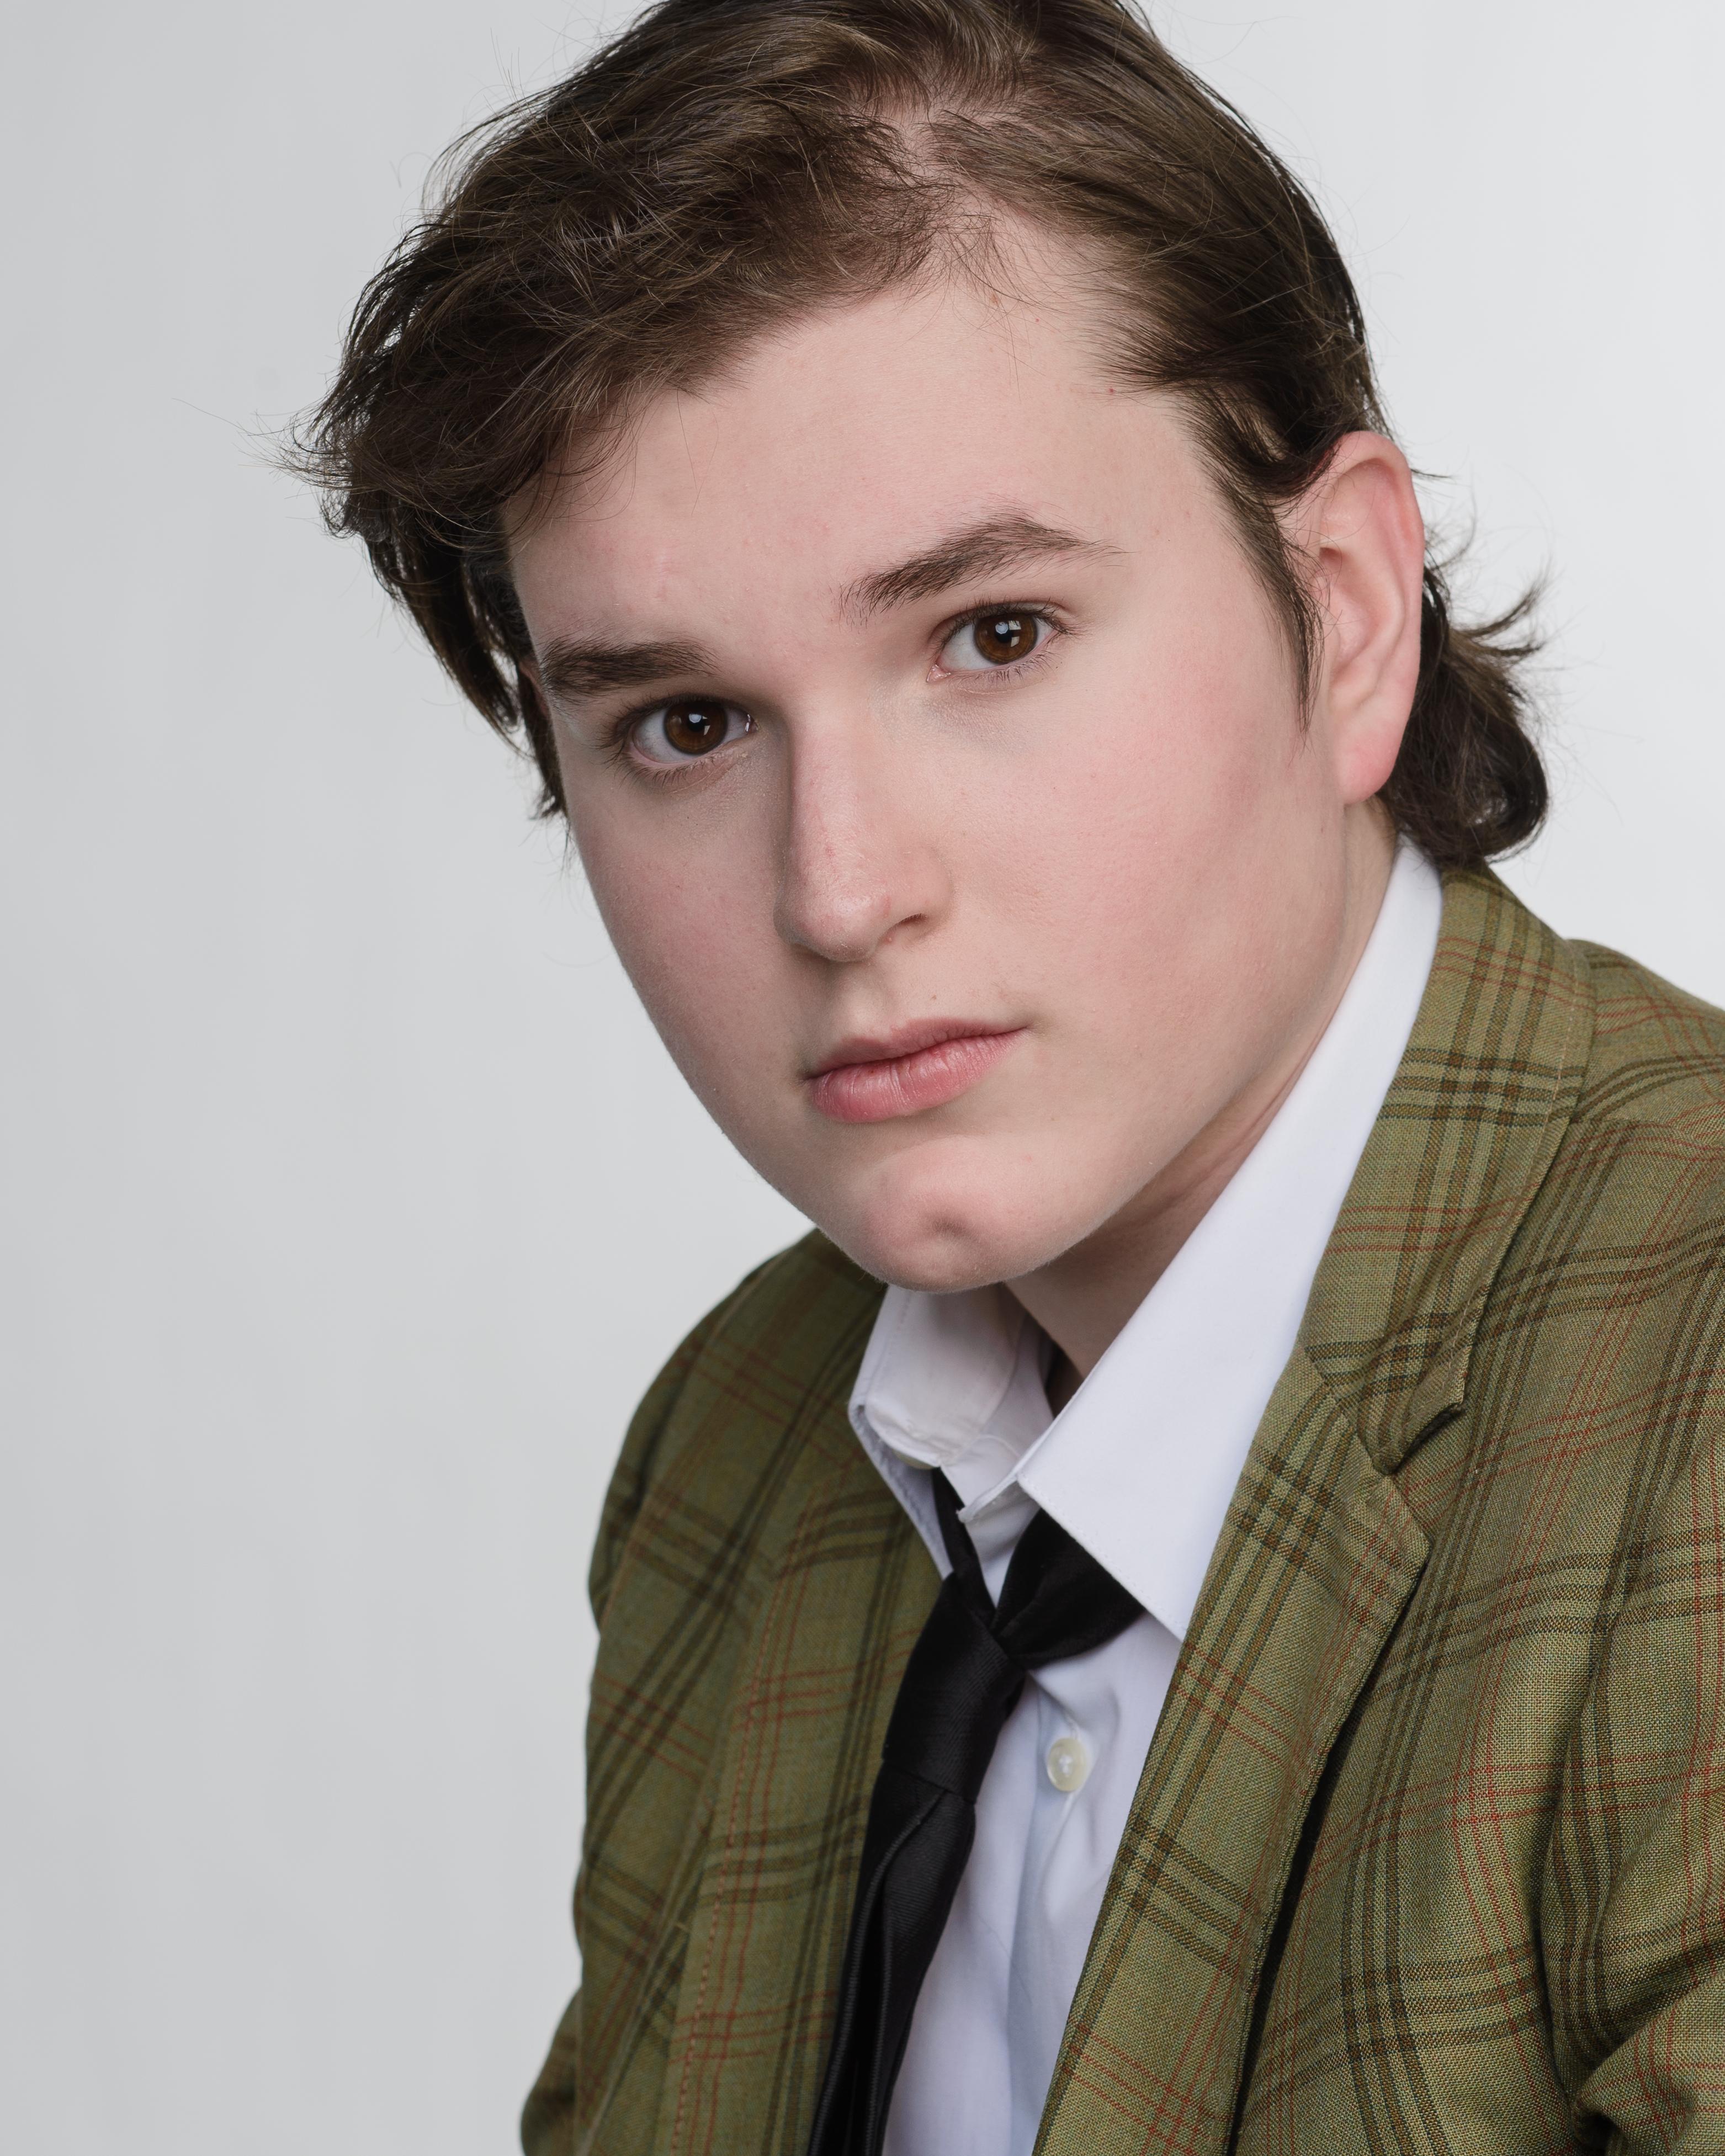 Joshua Packard